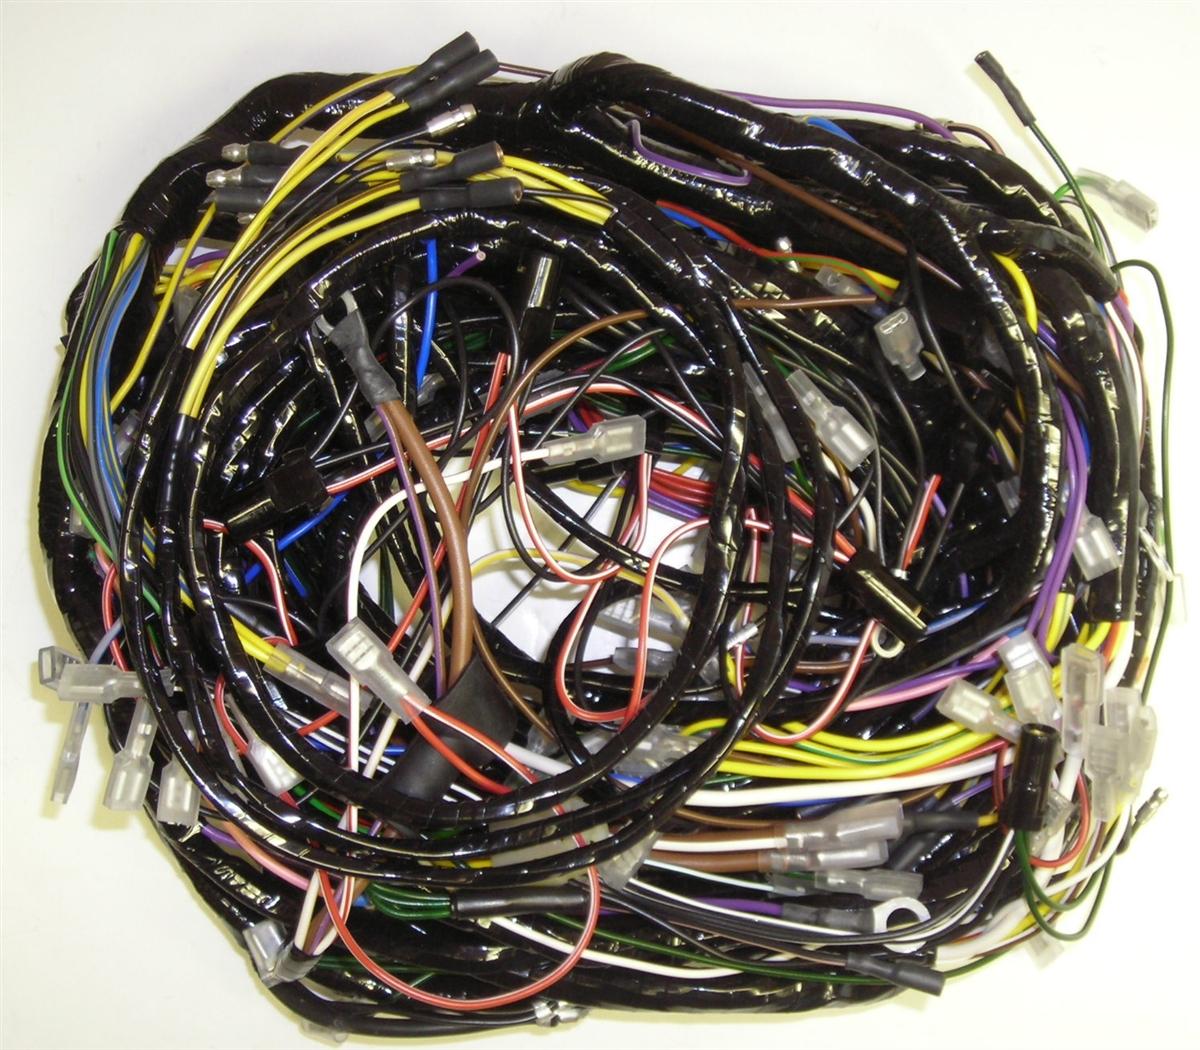 wire harnes engineering [ 1200 x 1050 Pixel ]